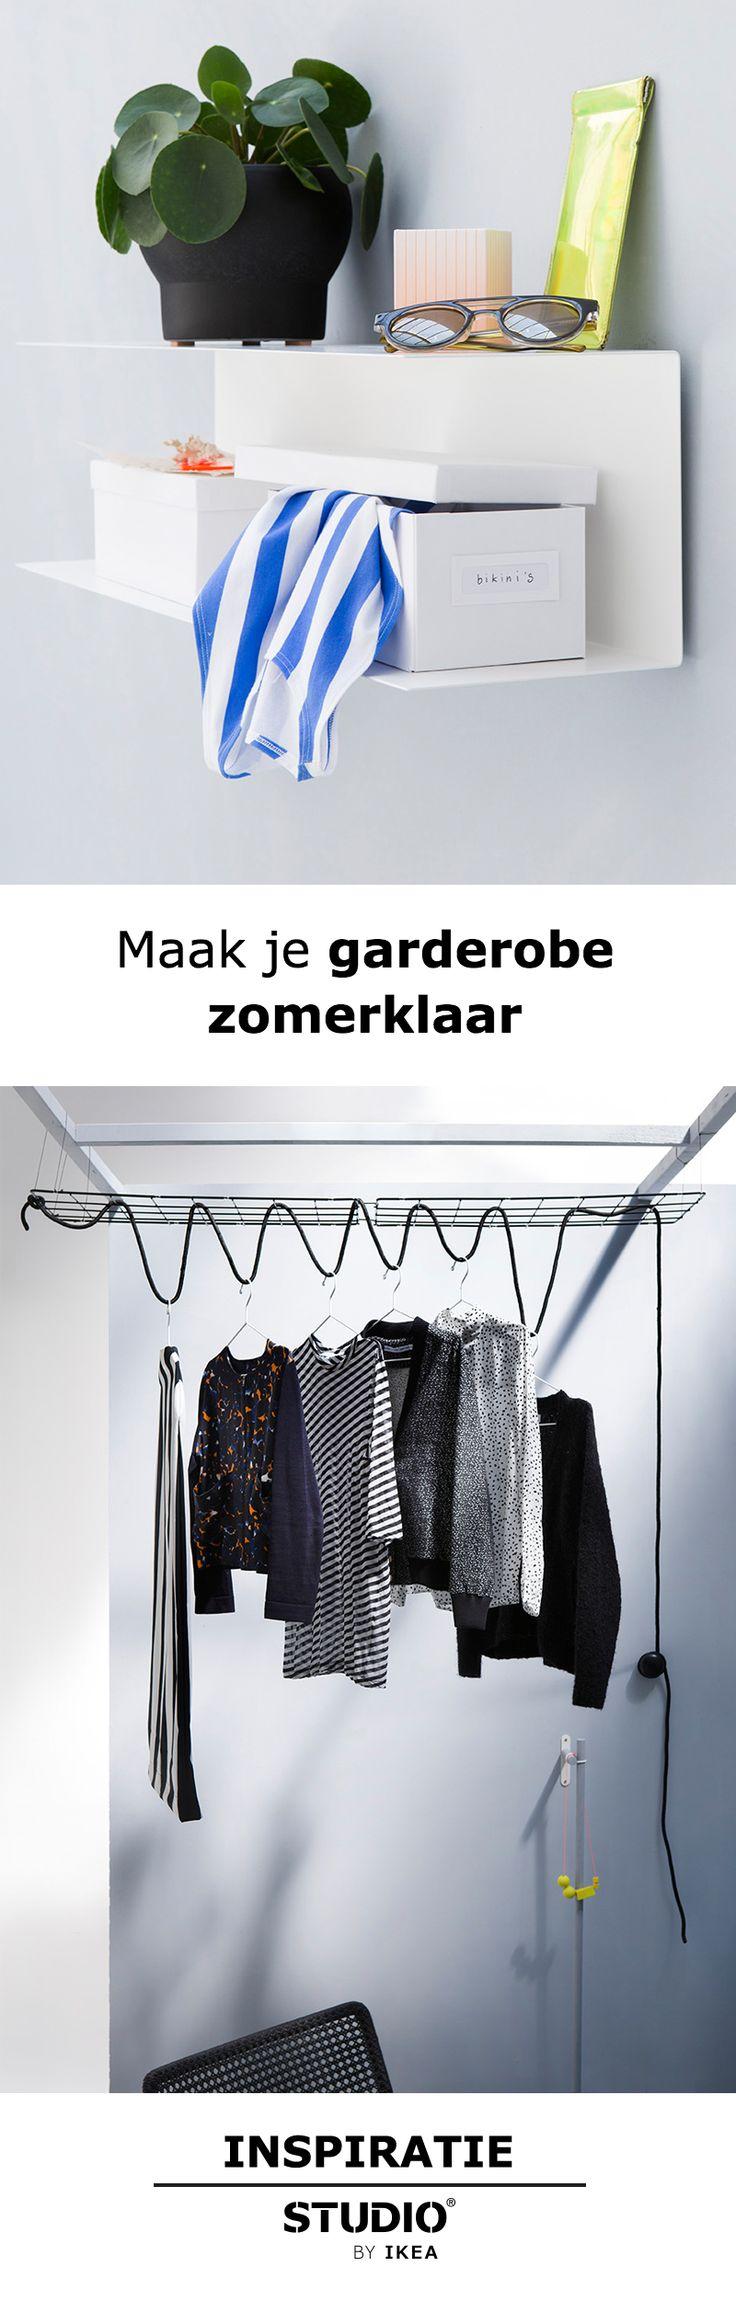 STUDIO by IKEA - Maak je garderobe zomerklaar | #STUDIObyIKEA #IKEA #IKEAnl #zomer #garderobe #kledingkast #tips #tip #opruimen #styling